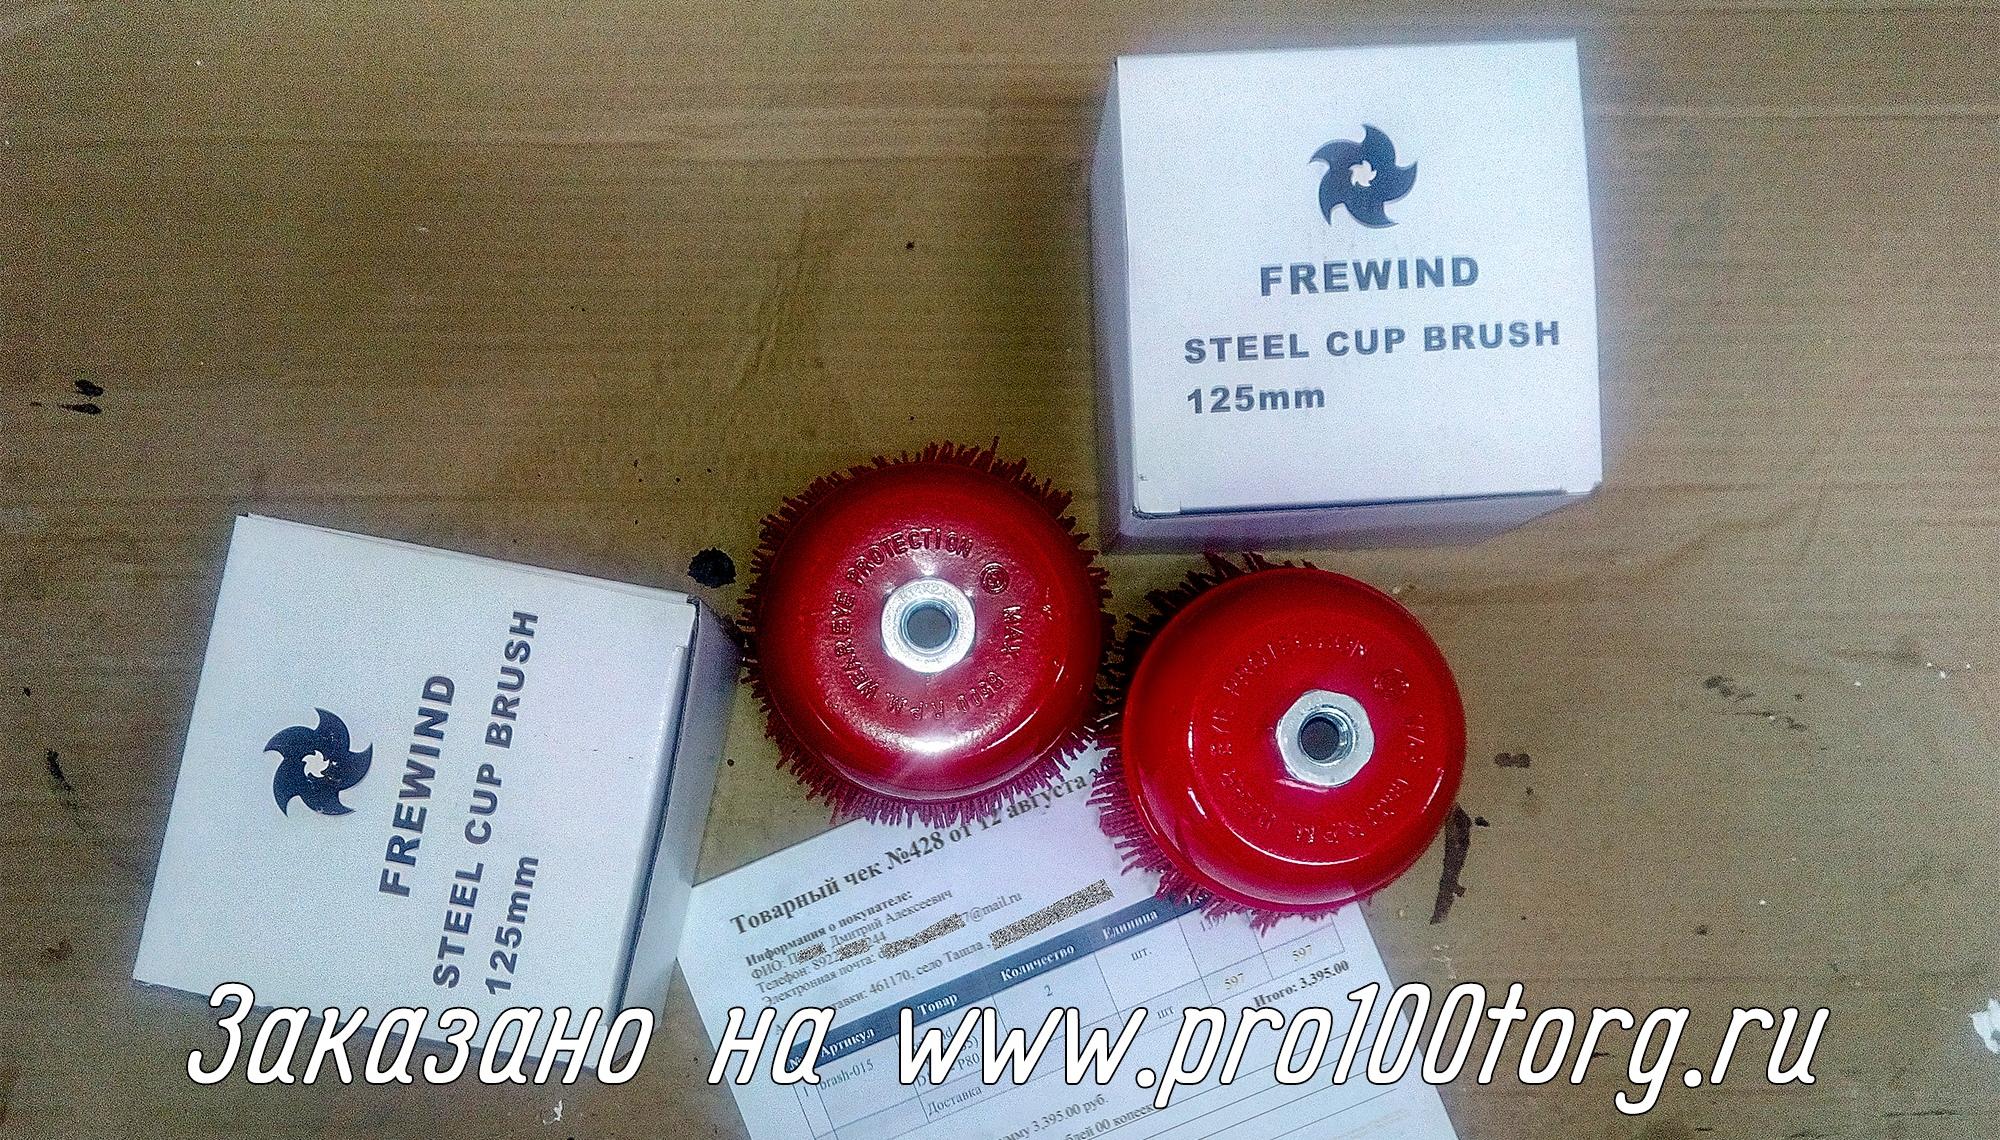 китайские чашечные нейлоновые щетки для шлифовки дерева FreWind (FW-RAS5) D125 - P80